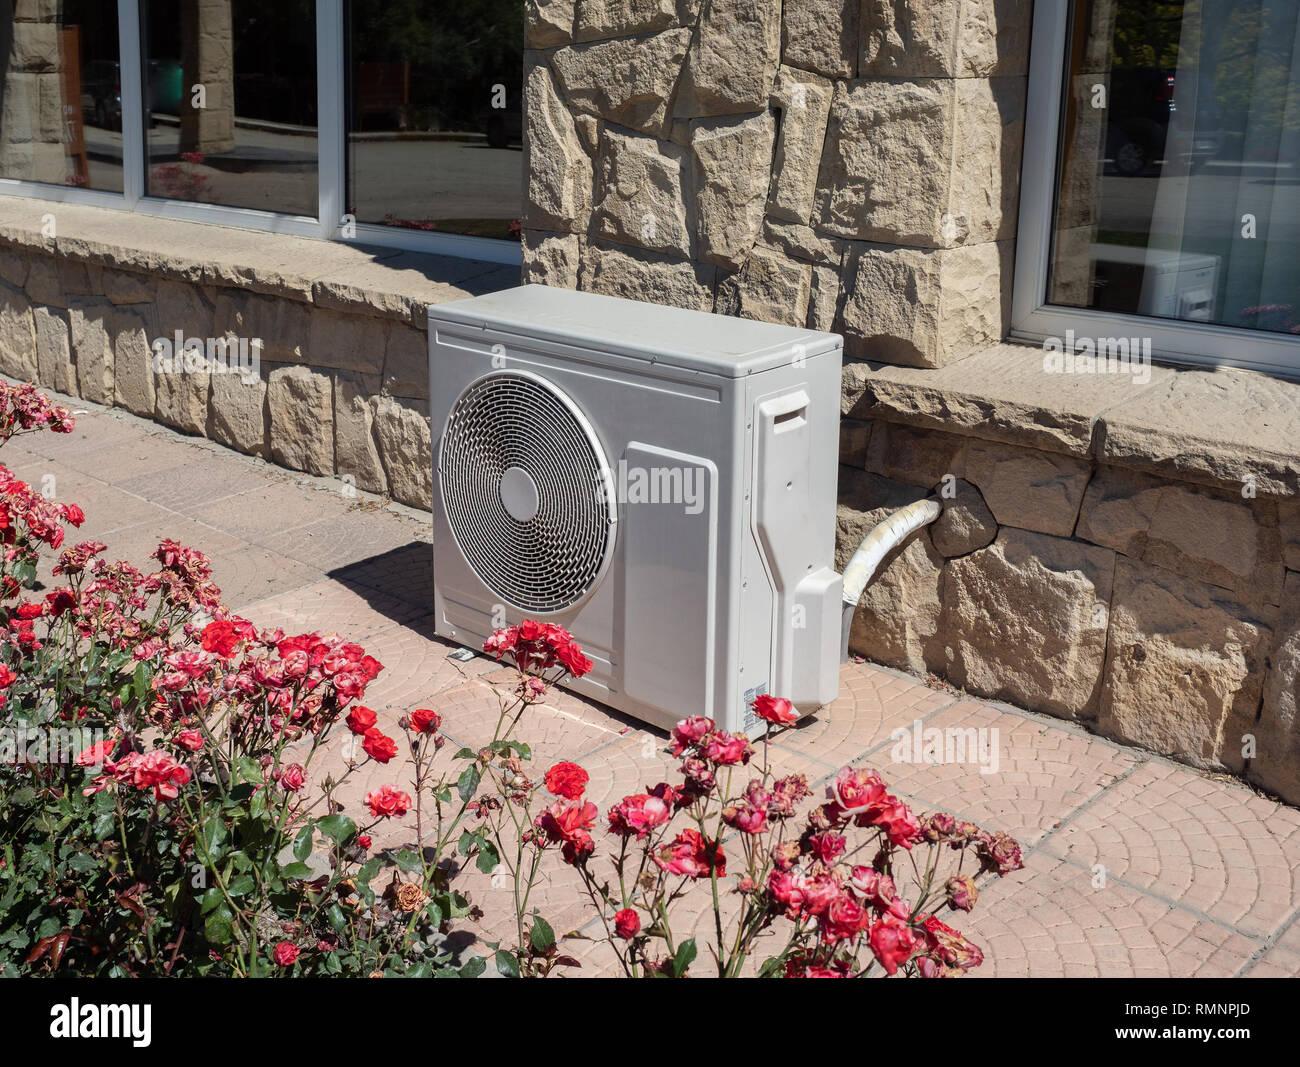 Hohe Effizienz moderner AC - Heizung wre, Energie sparen Lösung - horizontal, außerhalb eines Wohnhaus Stockbild